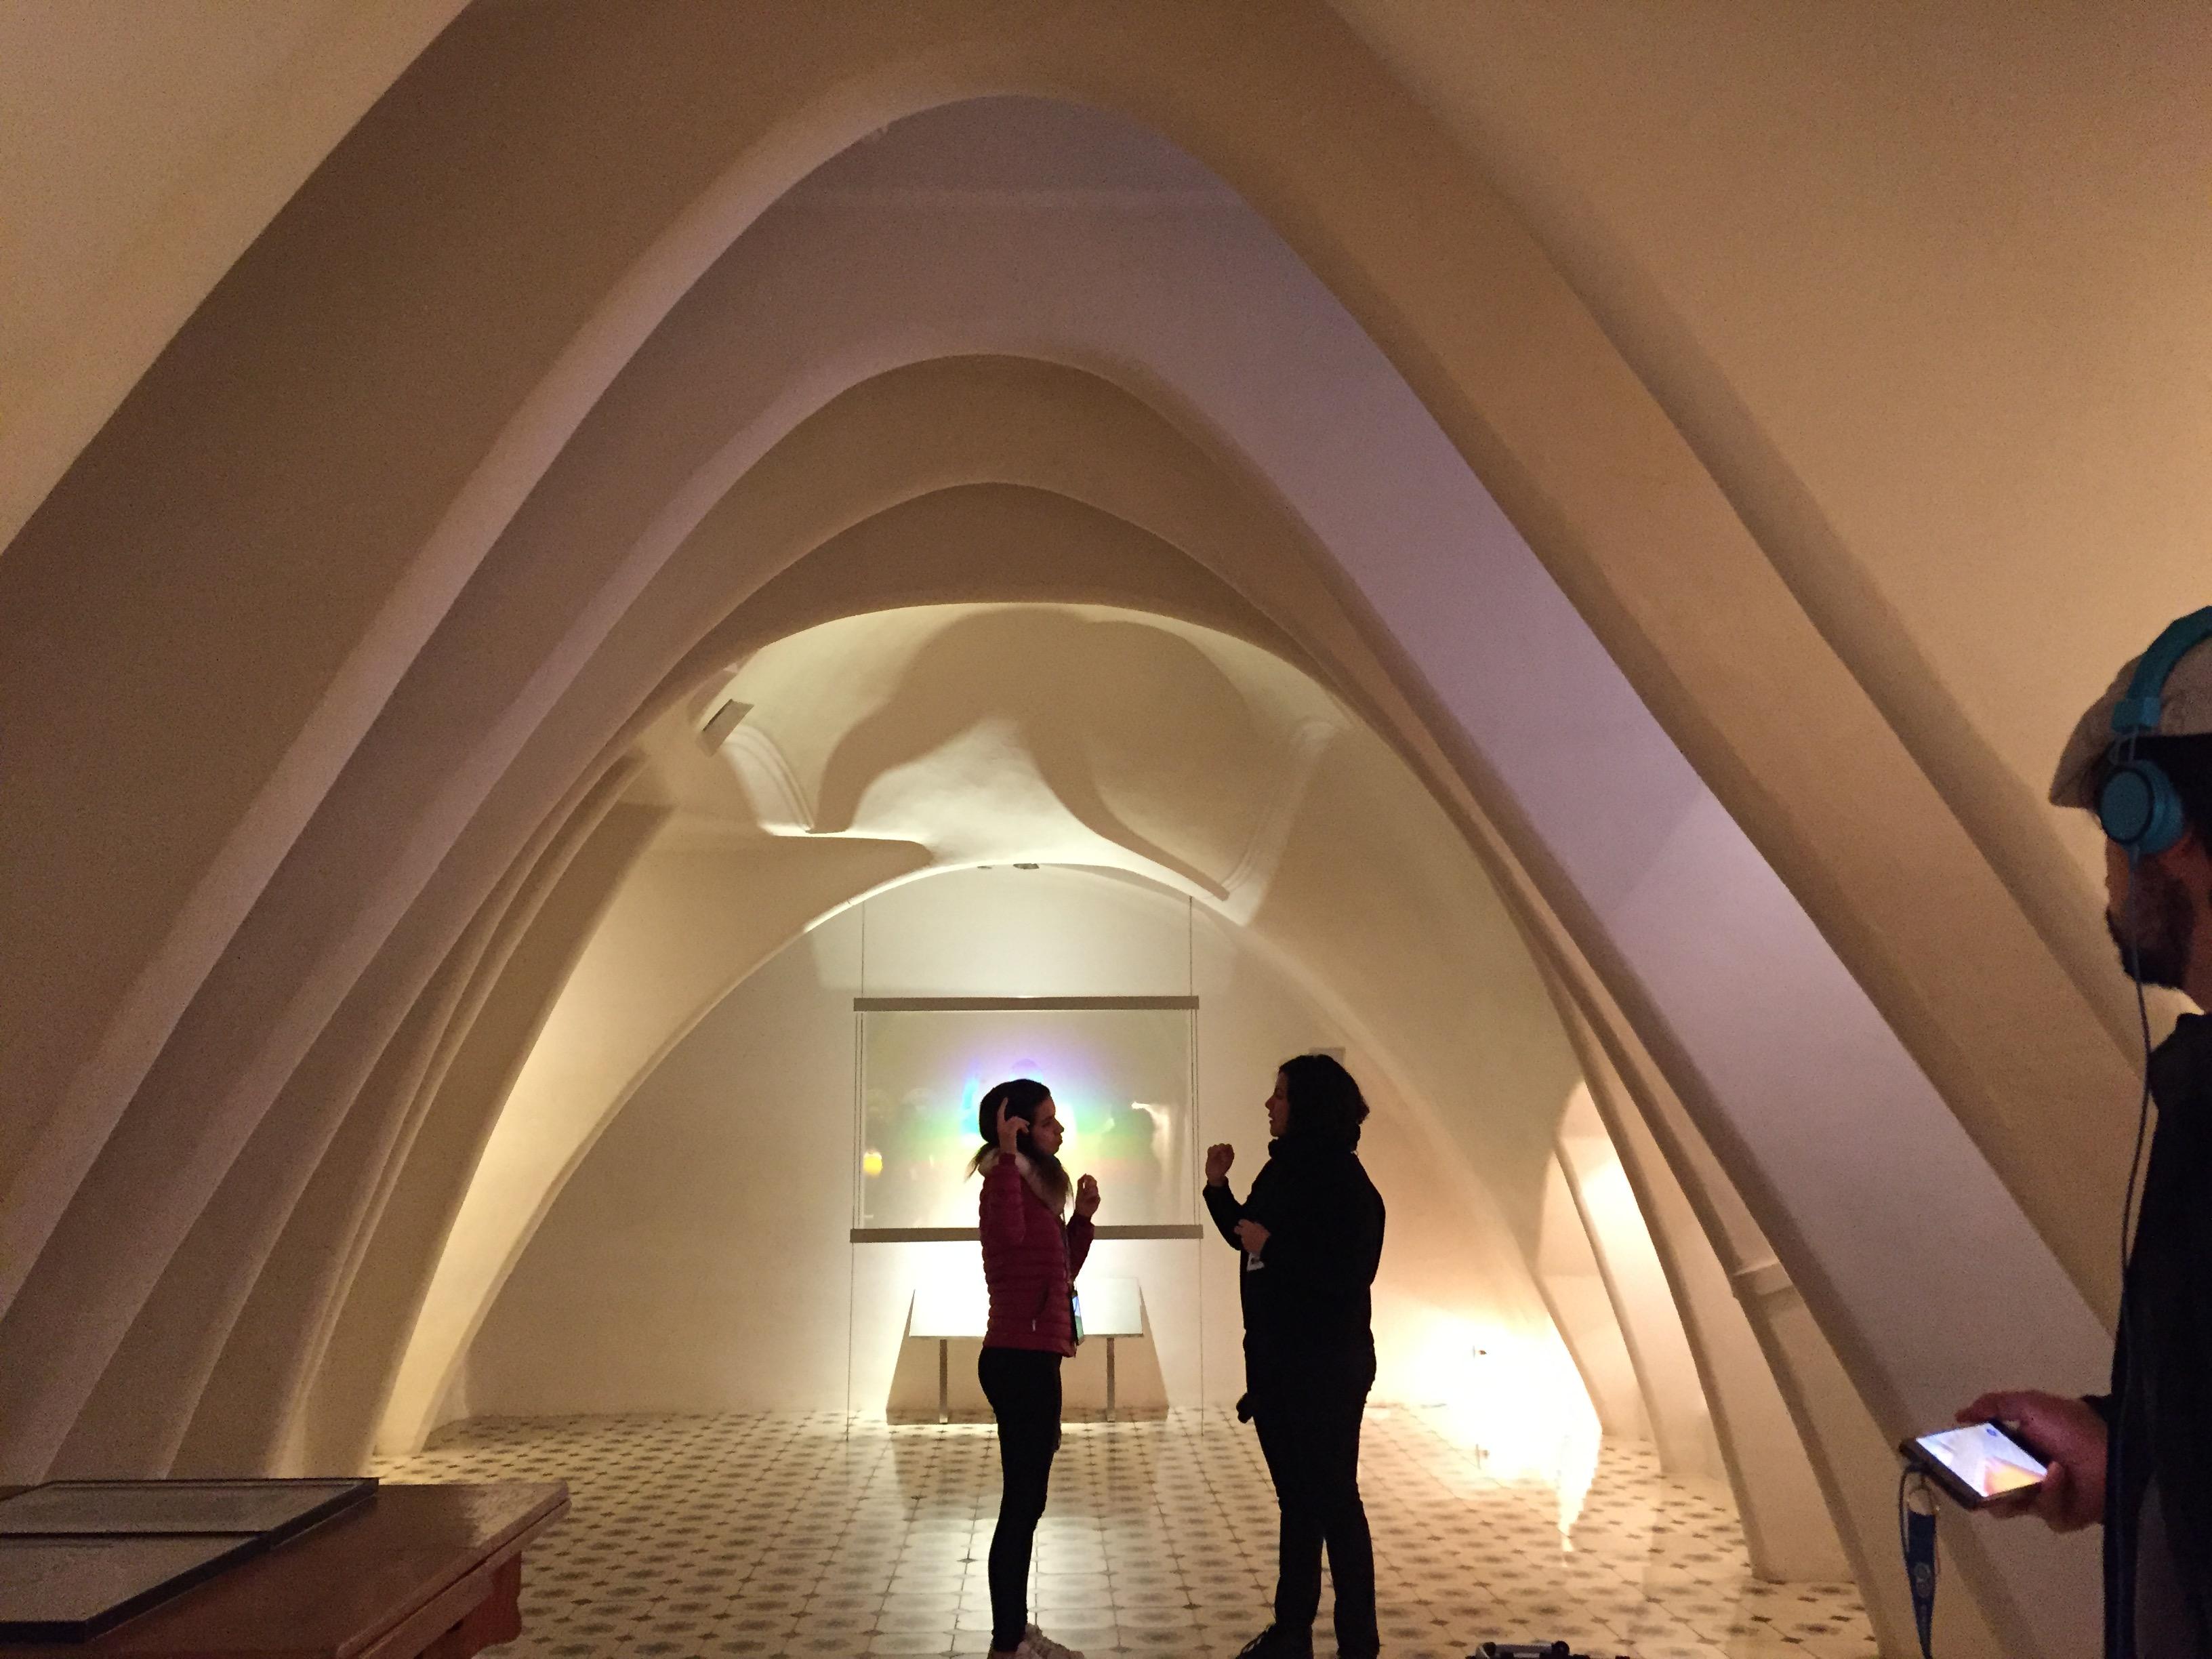 IMG 0902 - Visita a la Casa Batlló en Barcelona Parte II/II